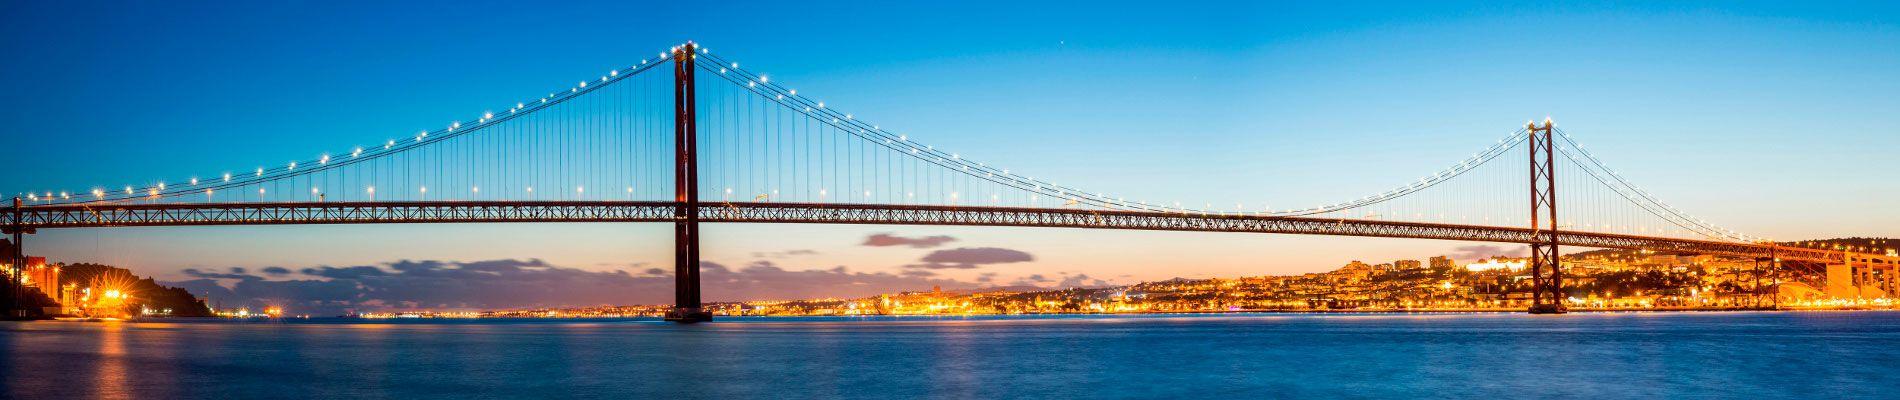 portugal-lisbonne-bridge.st